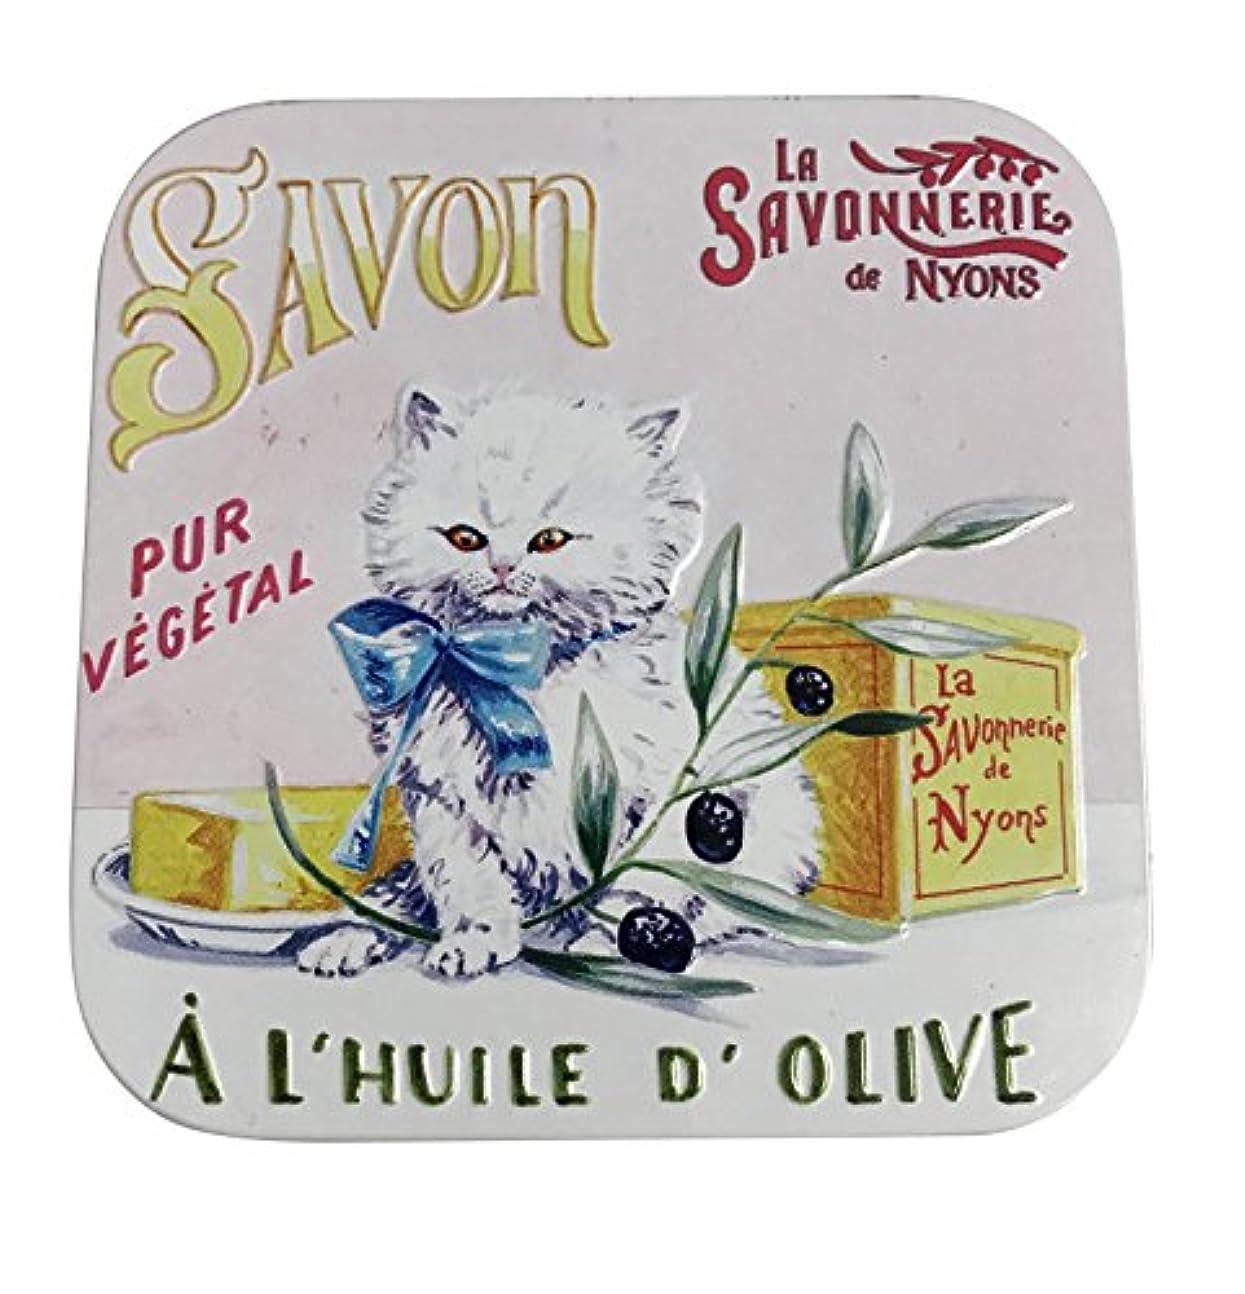 赤ちゃん栄光パトロールラ?サボネリー アンティーク缶入り石鹸 タイプ100 ペルシャ子猫(コットンフラワー)